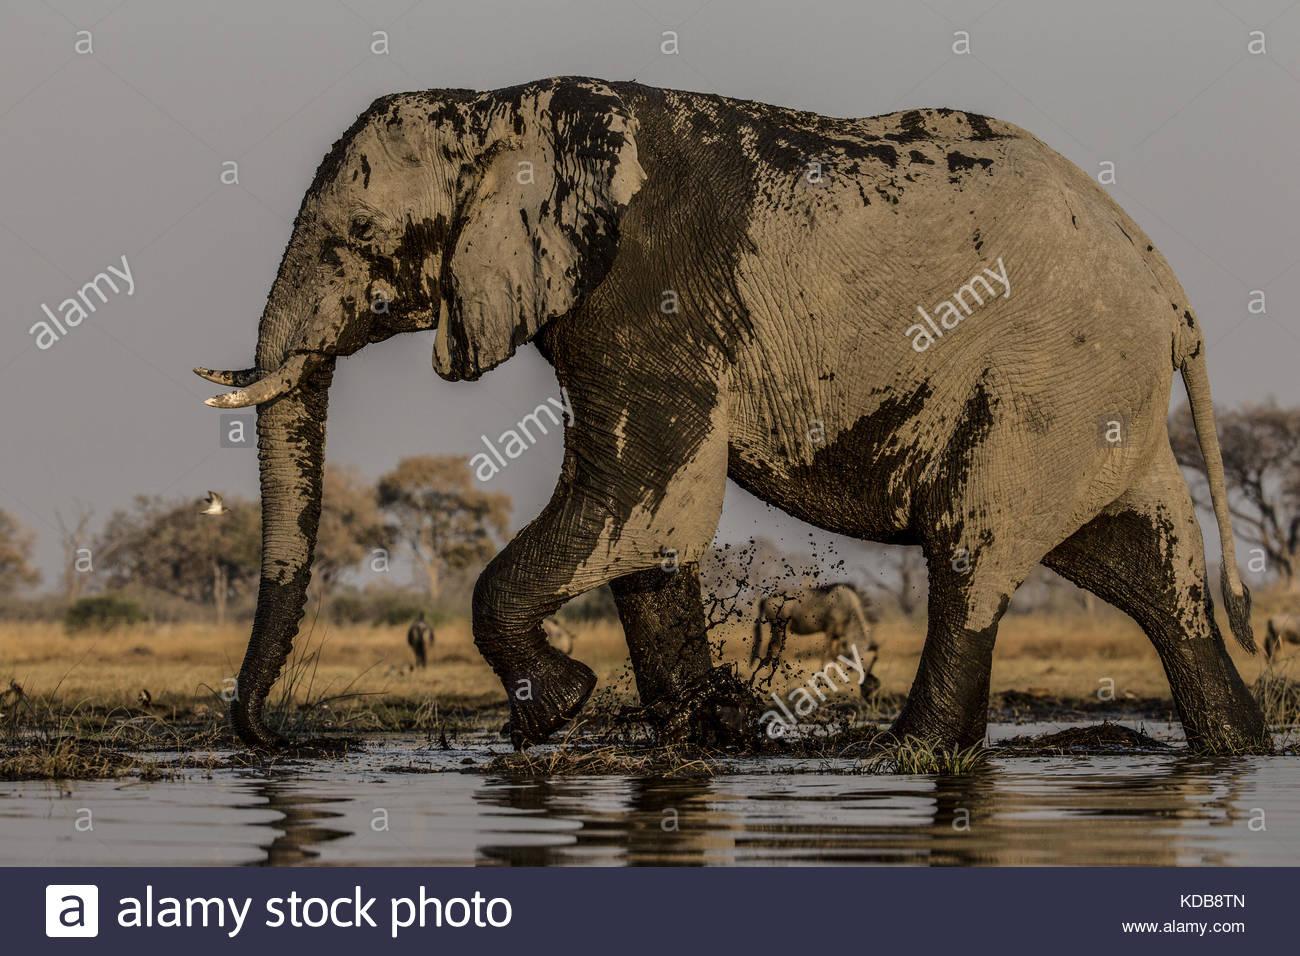 Un elefante, Loxodonta africana, se encuentra en el vertedero y las salpicaduras. Imagen De Stock